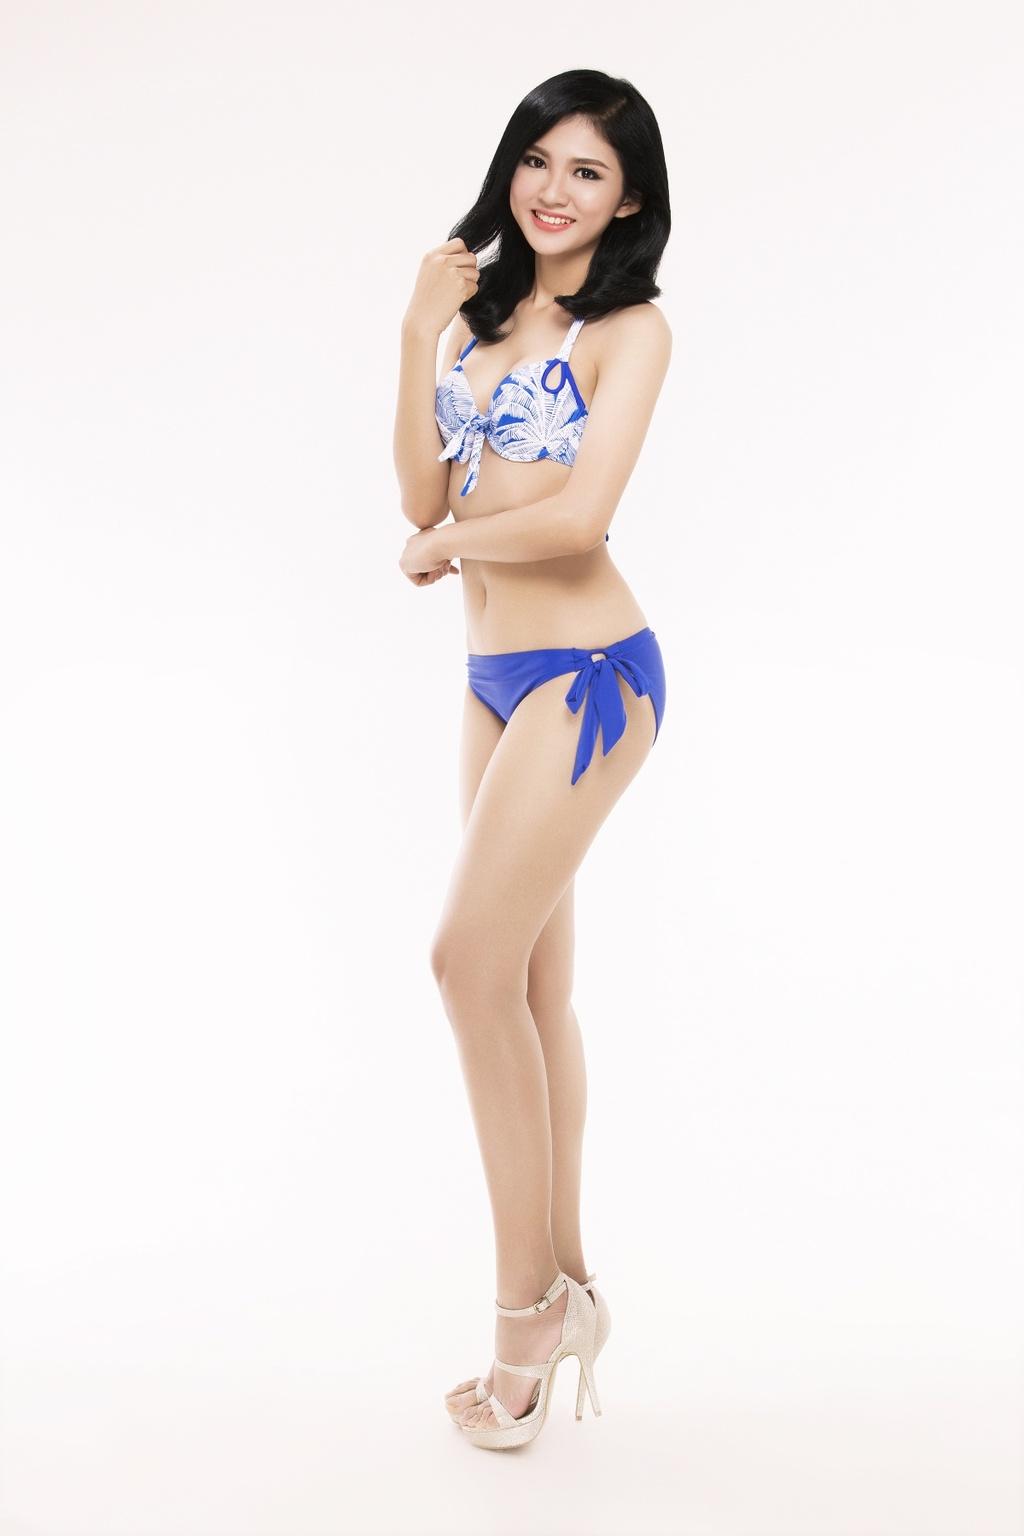 Nguoi dep Hoa hau Viet Nam 2016 tao dang voi bikini hinh anh 17